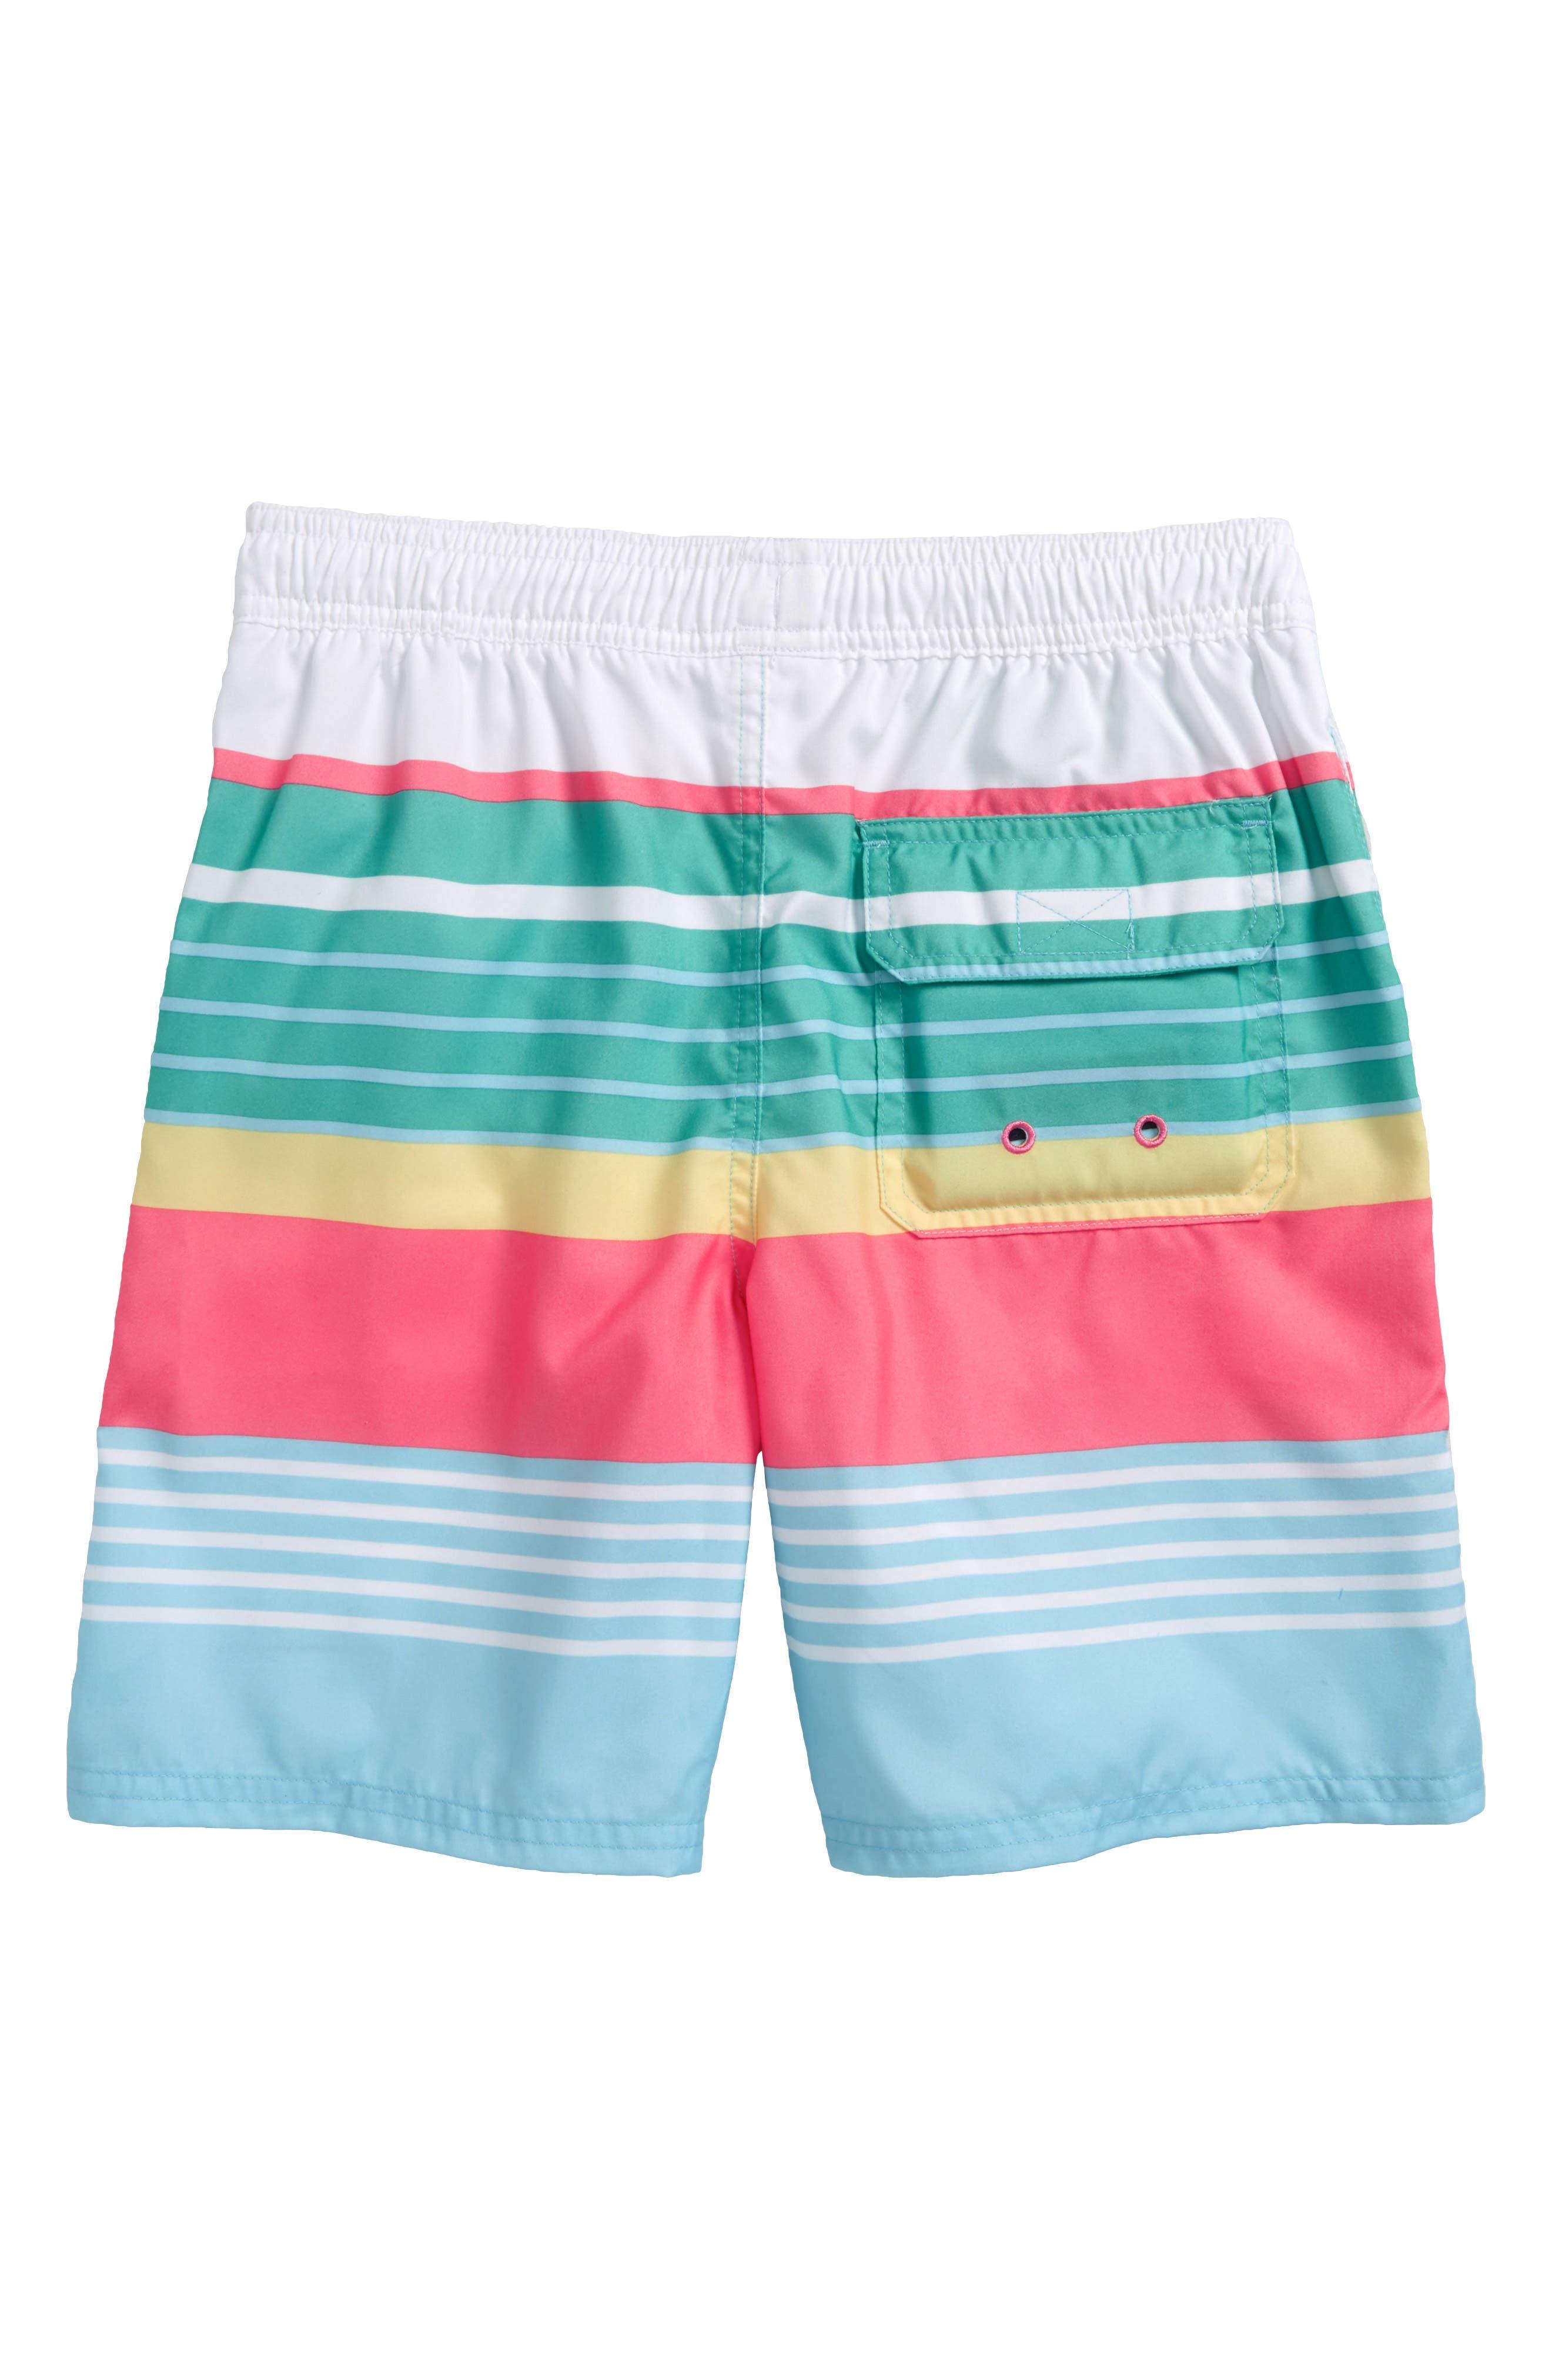 Chappy Boca Bay Stripe Swim Trunks,                             Alternate thumbnail 2, color,                             422